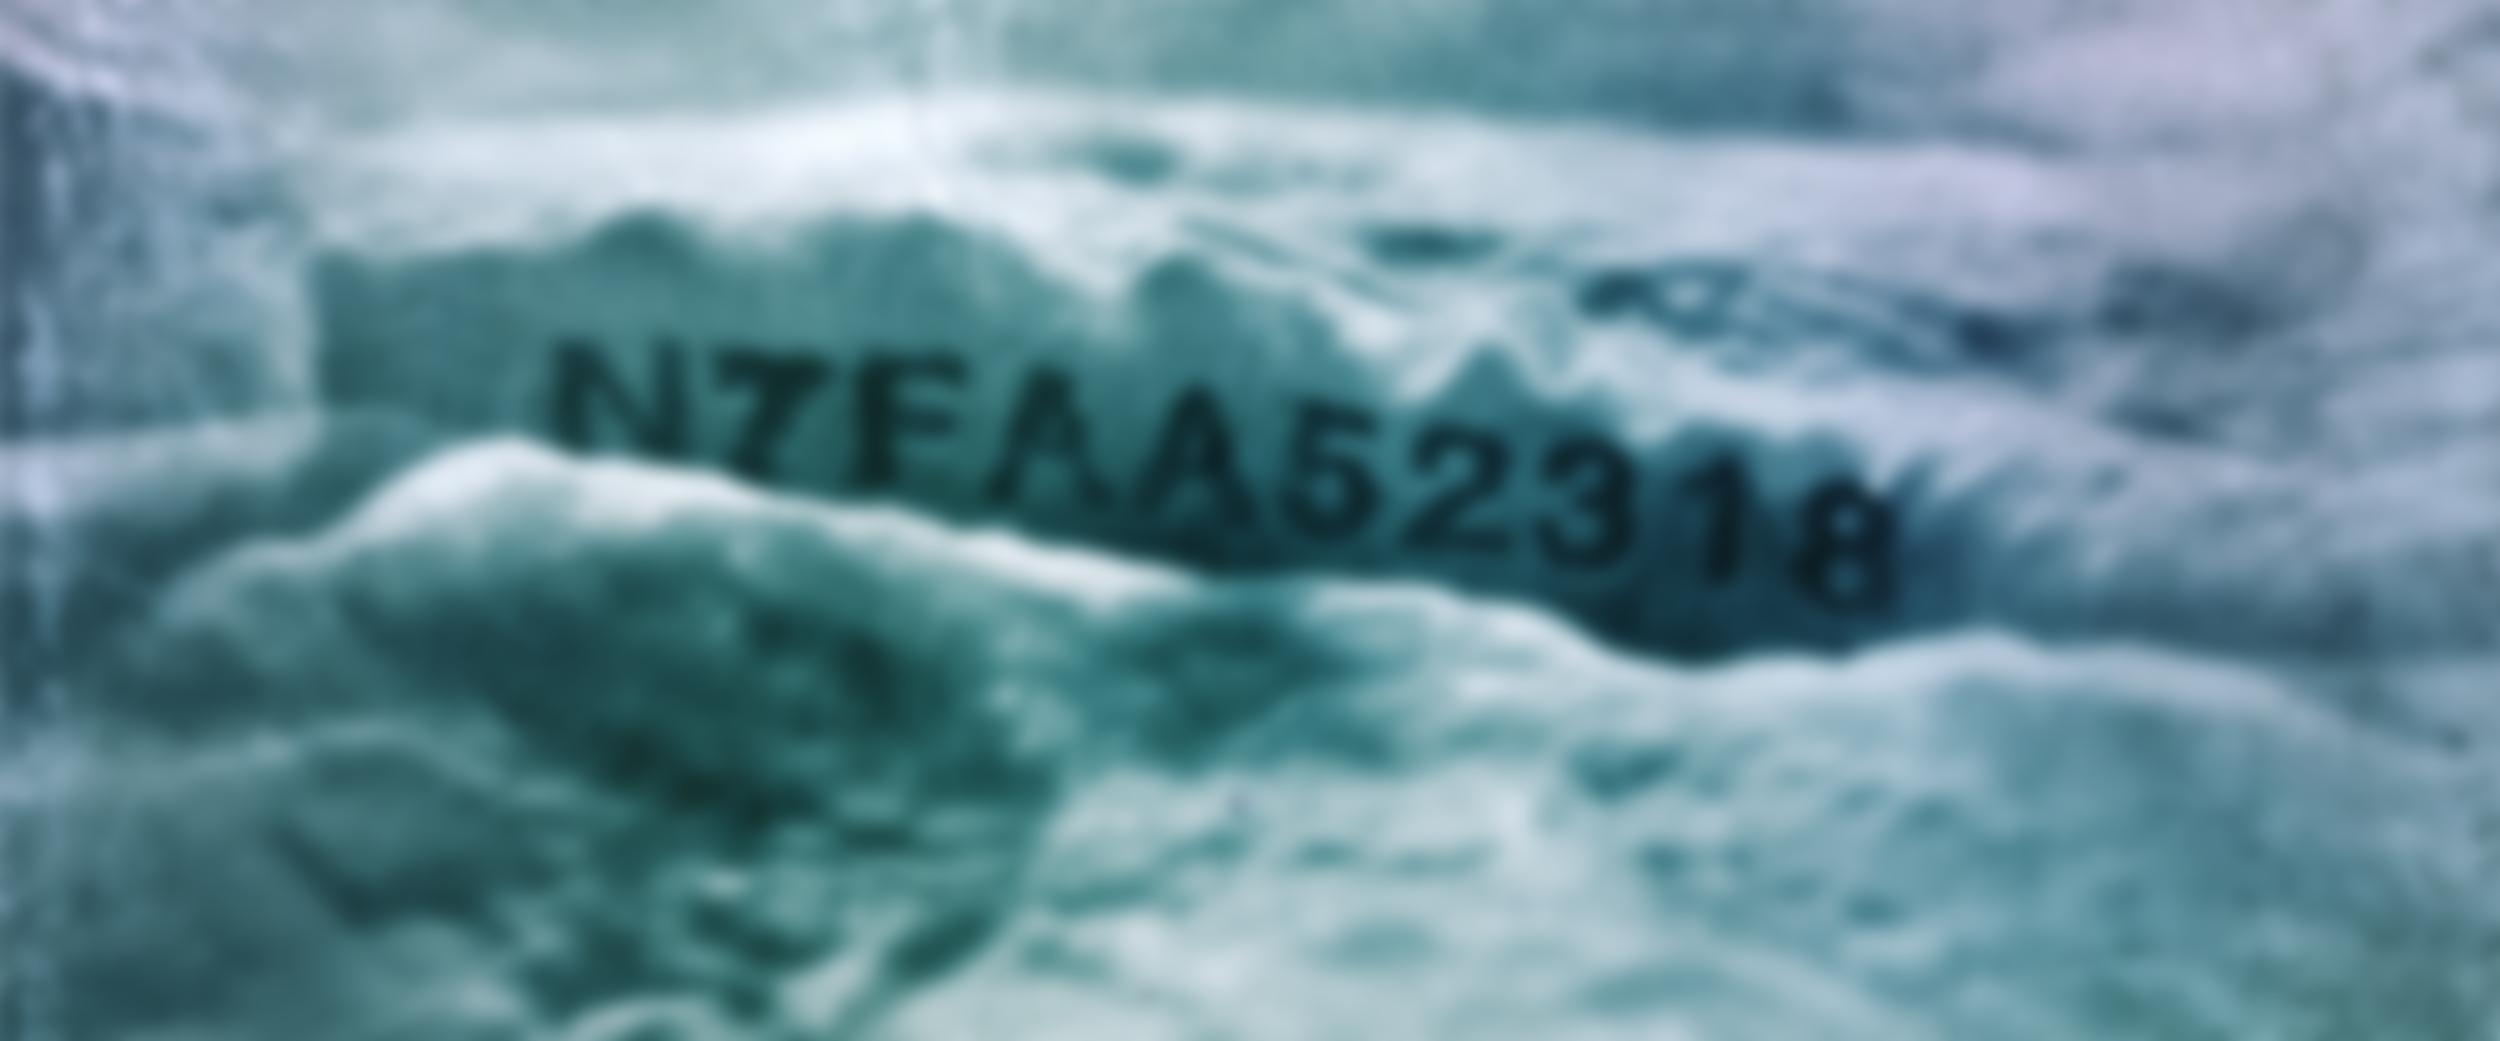 BLADE RUNNER 2049 -